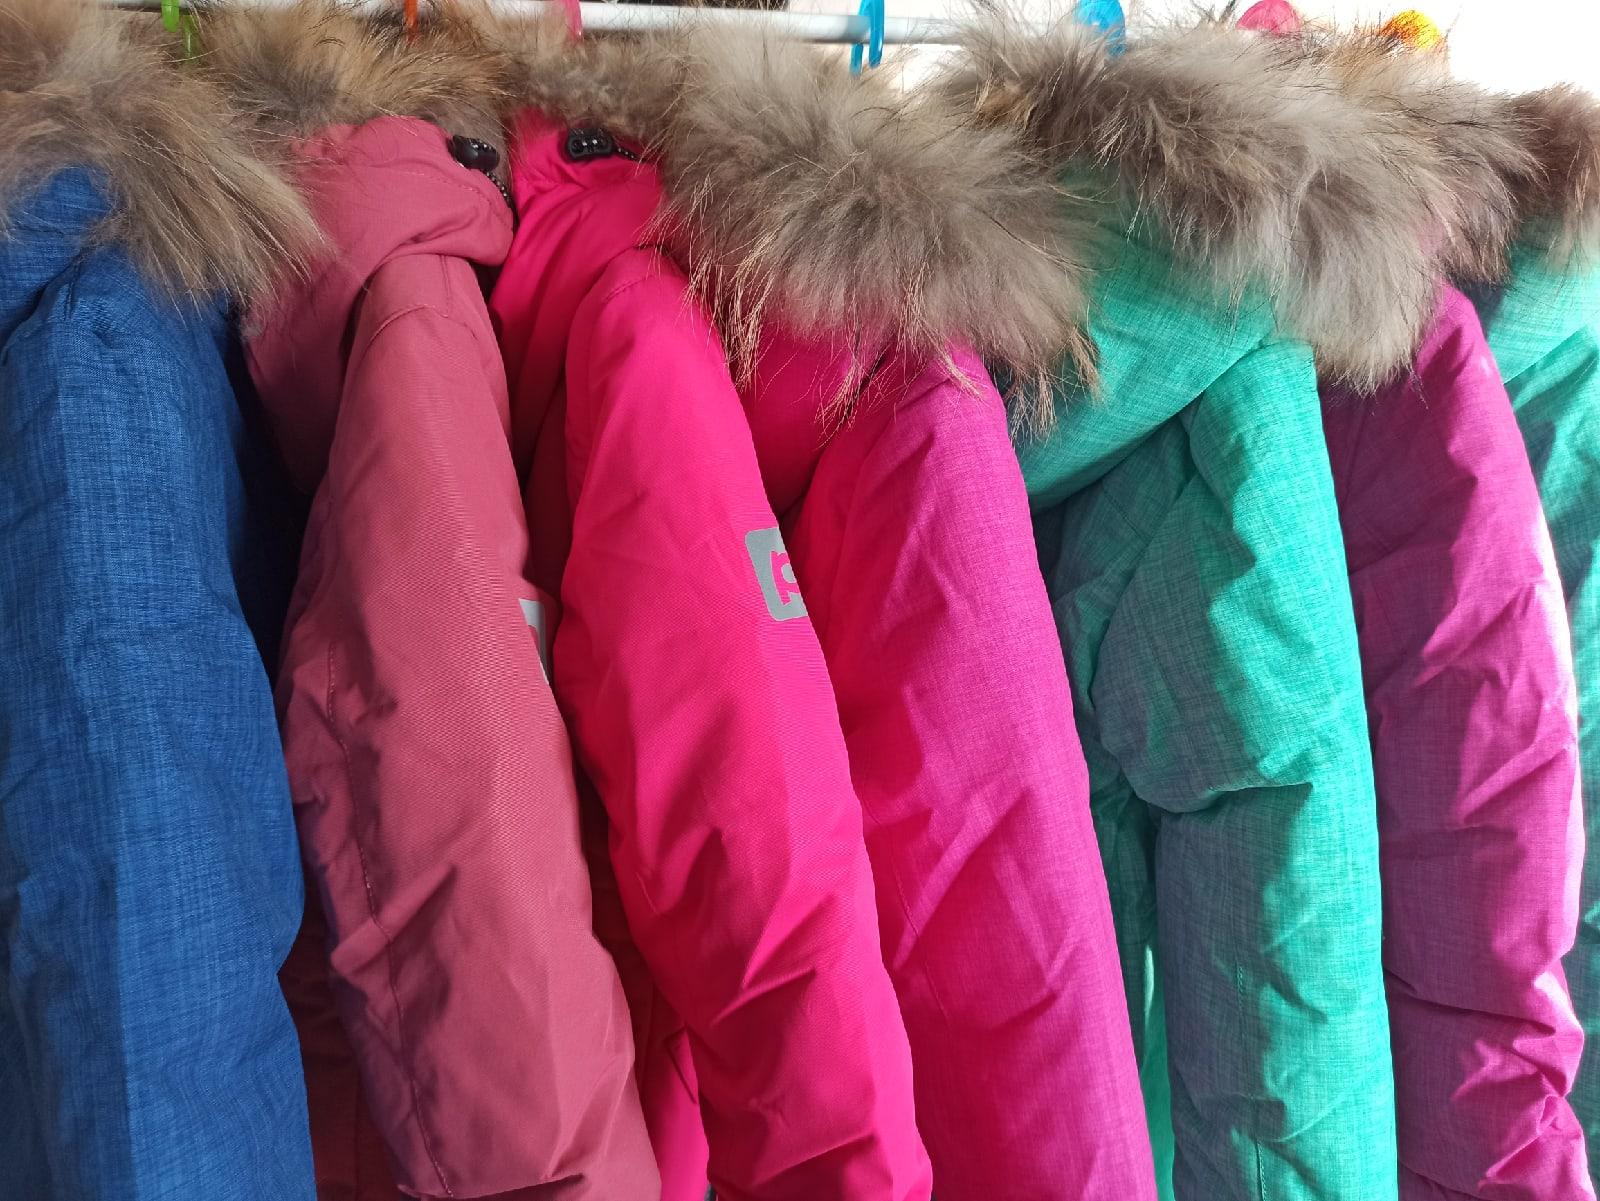 купить зимнюю одежду на ребенка